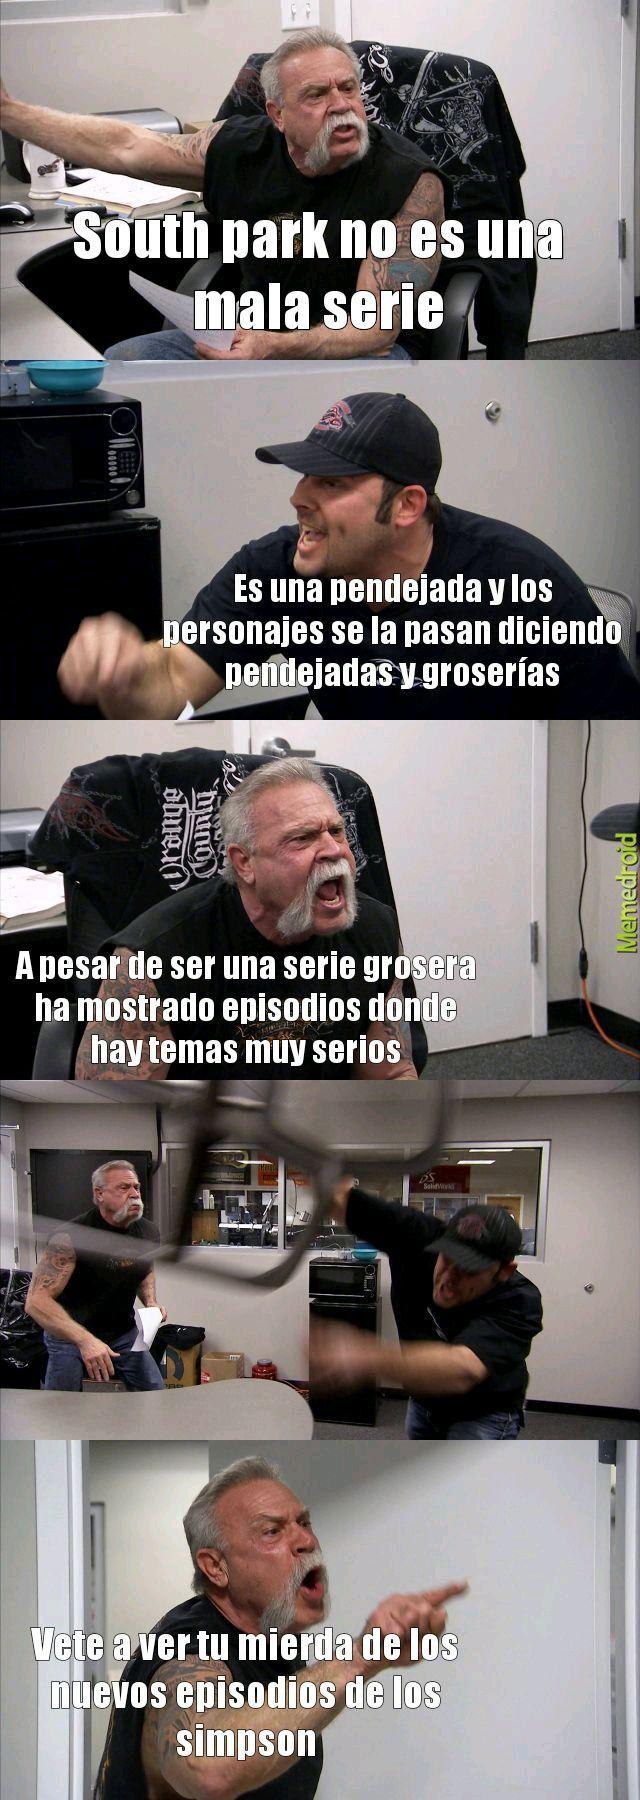 Lo siento - meme